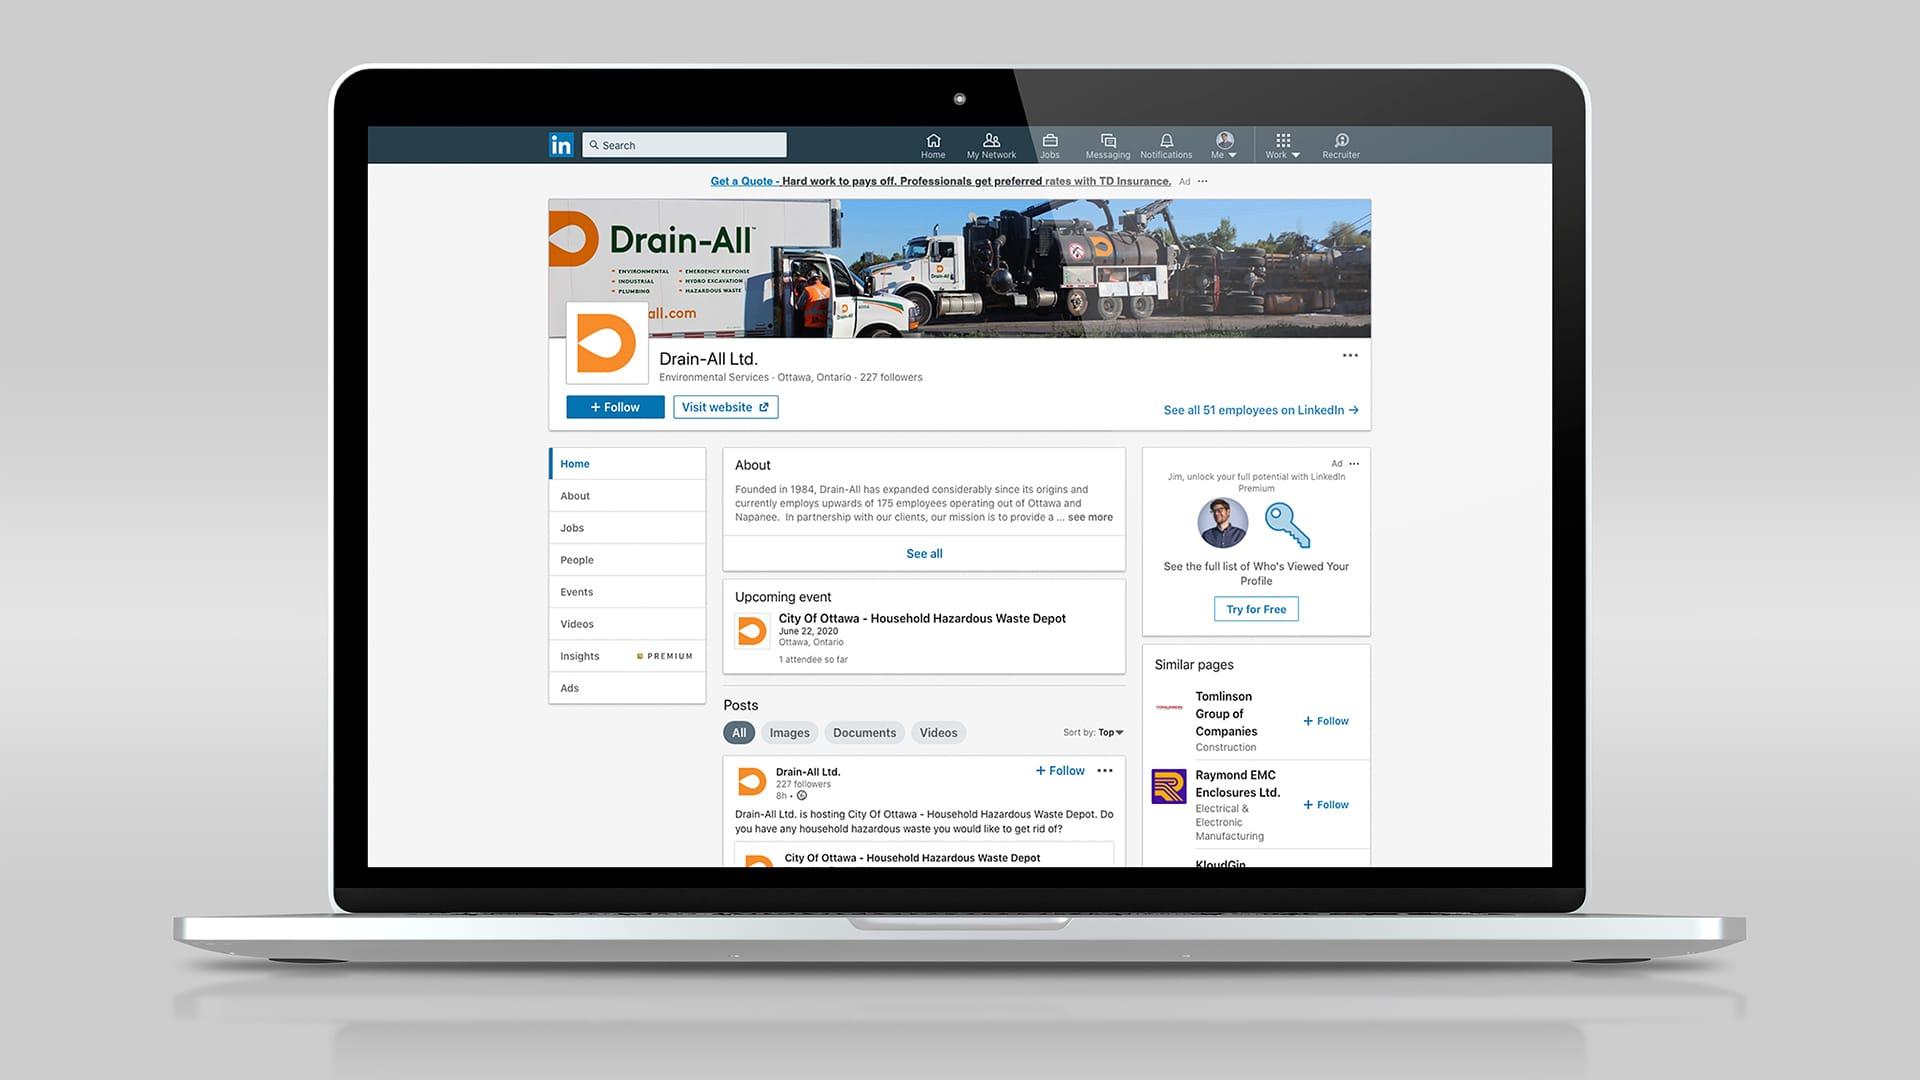 Drain-All - Social Media